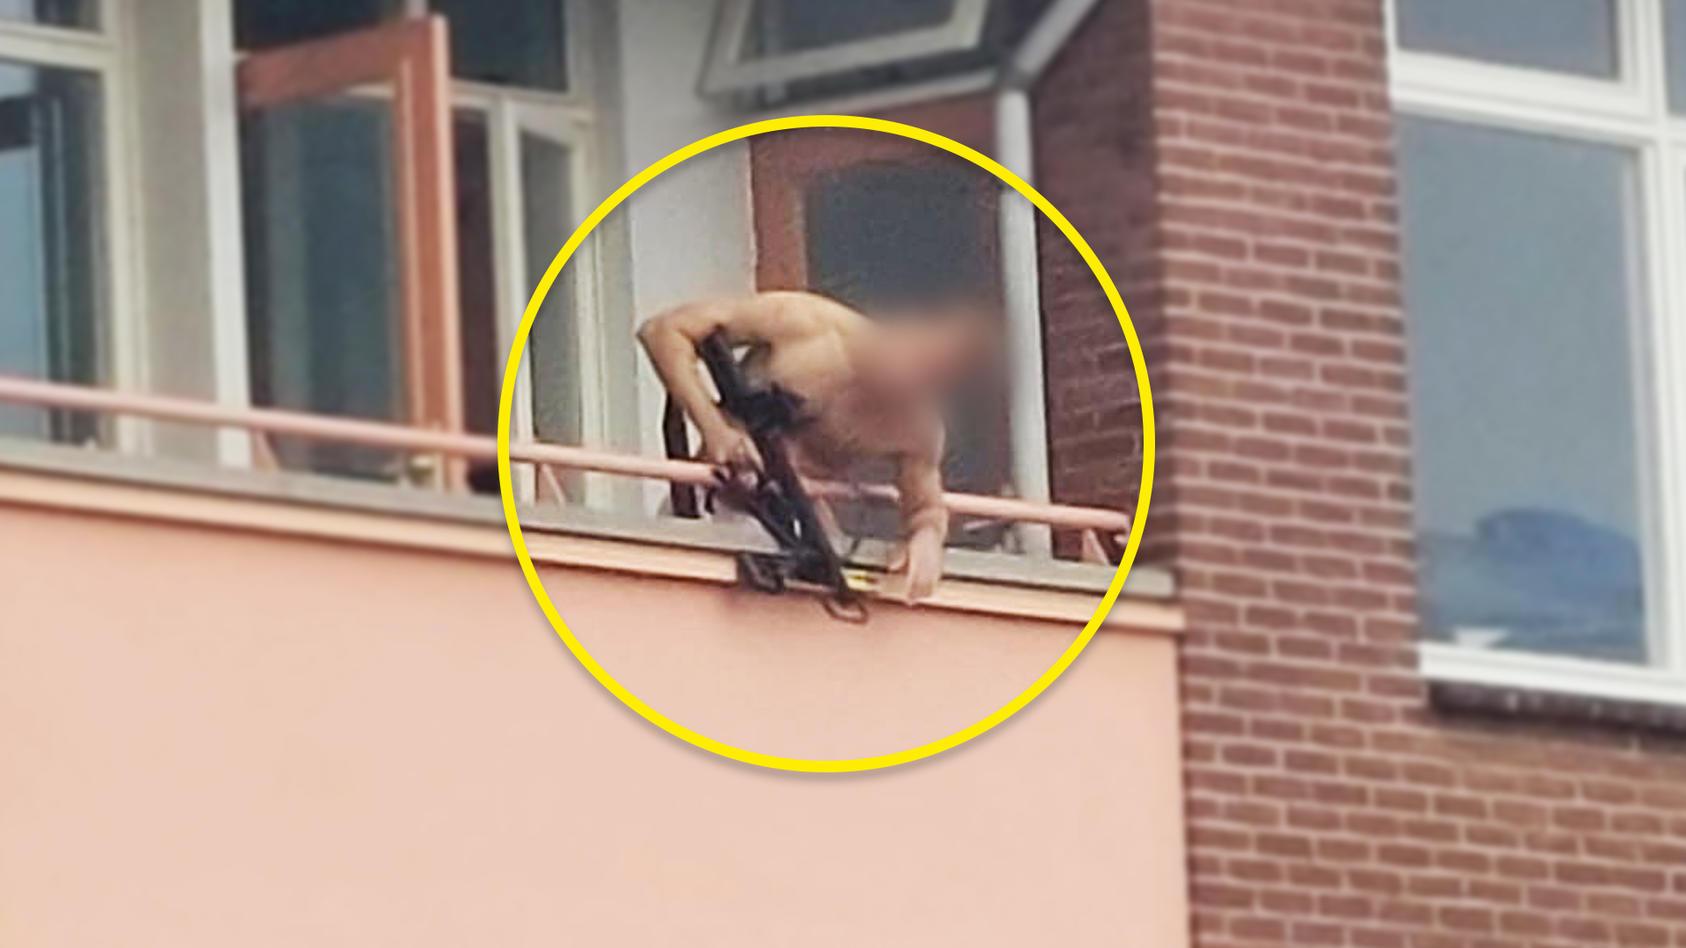 Mann schieß von Balkon aus auf mehrere Menschen.